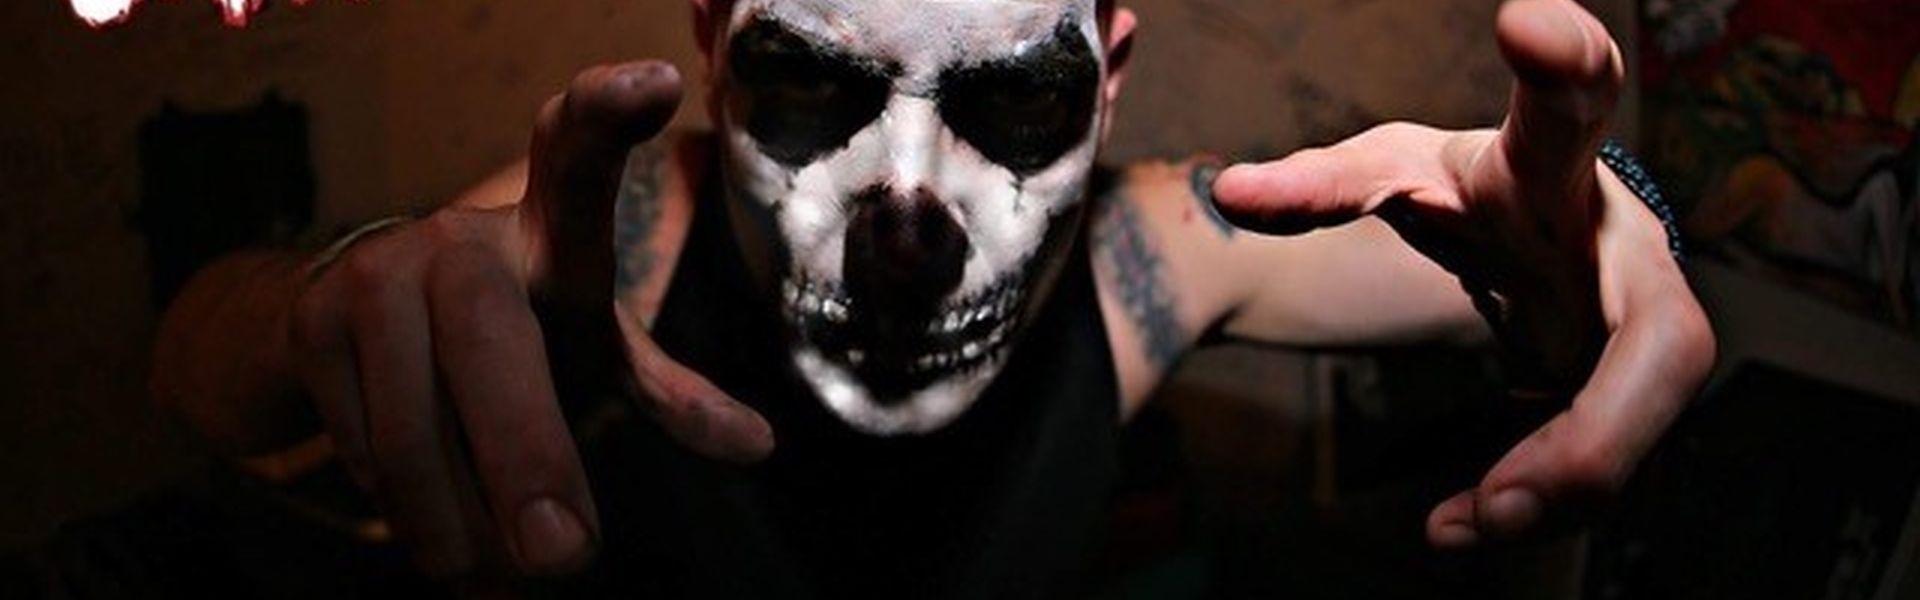 De voormalig leadzanger van de legendarische punkband Misfits komt naar Hoogeveen: Michale Graves! In 2021 komt hij met de American Monster Tour, die helemaal in het teken zal staan van de muziek van American Psycho en Famous Monsters.